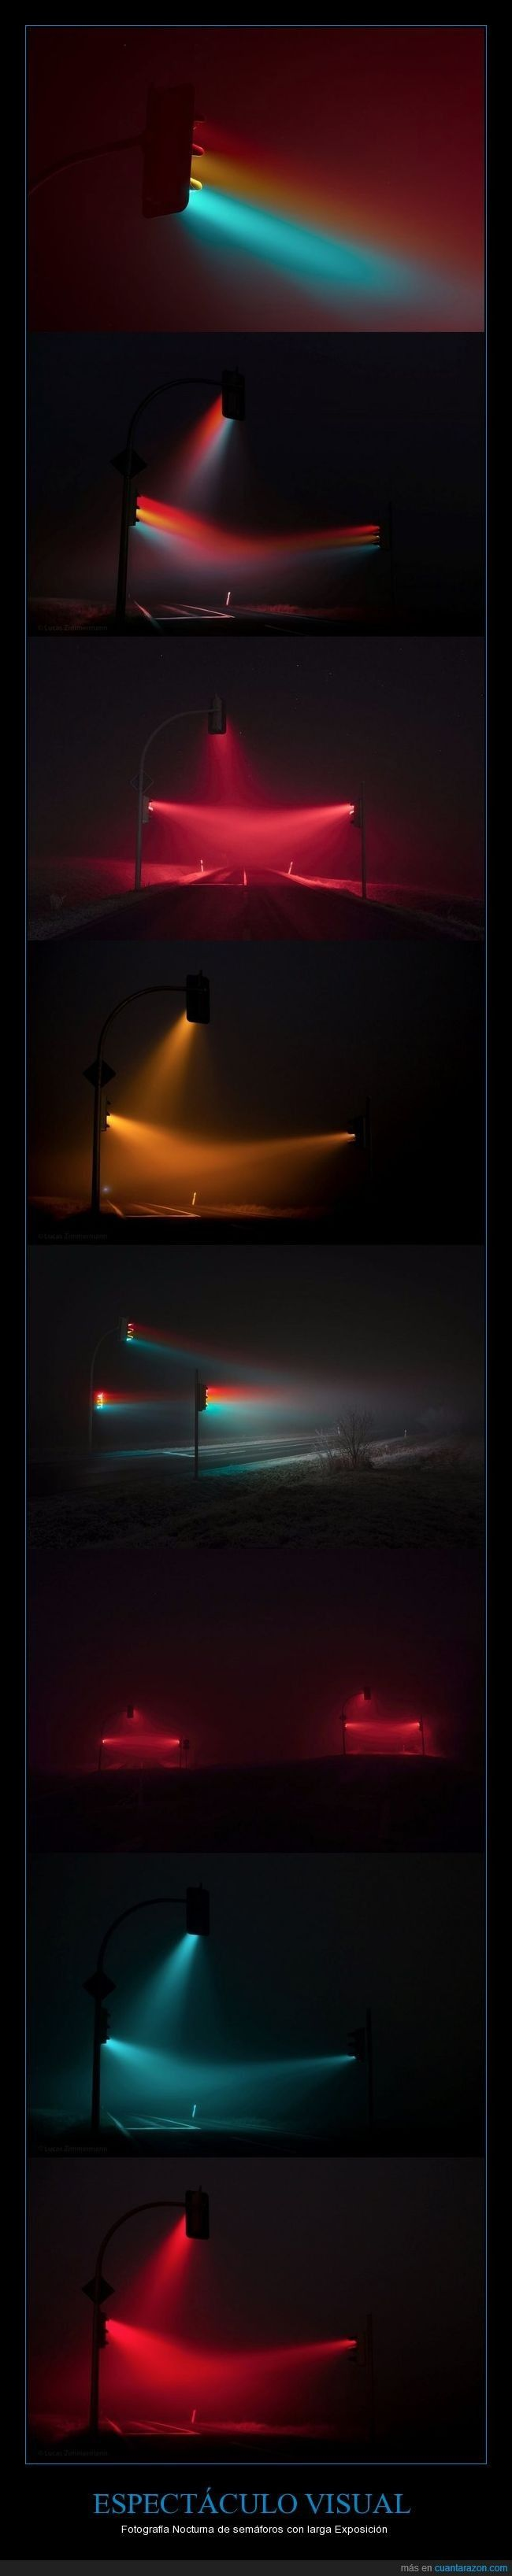 Fotografía Nocturna de larga Exposición de semáforos en la niebla - Fotografía Nocturna de semáforos con larga Exposición